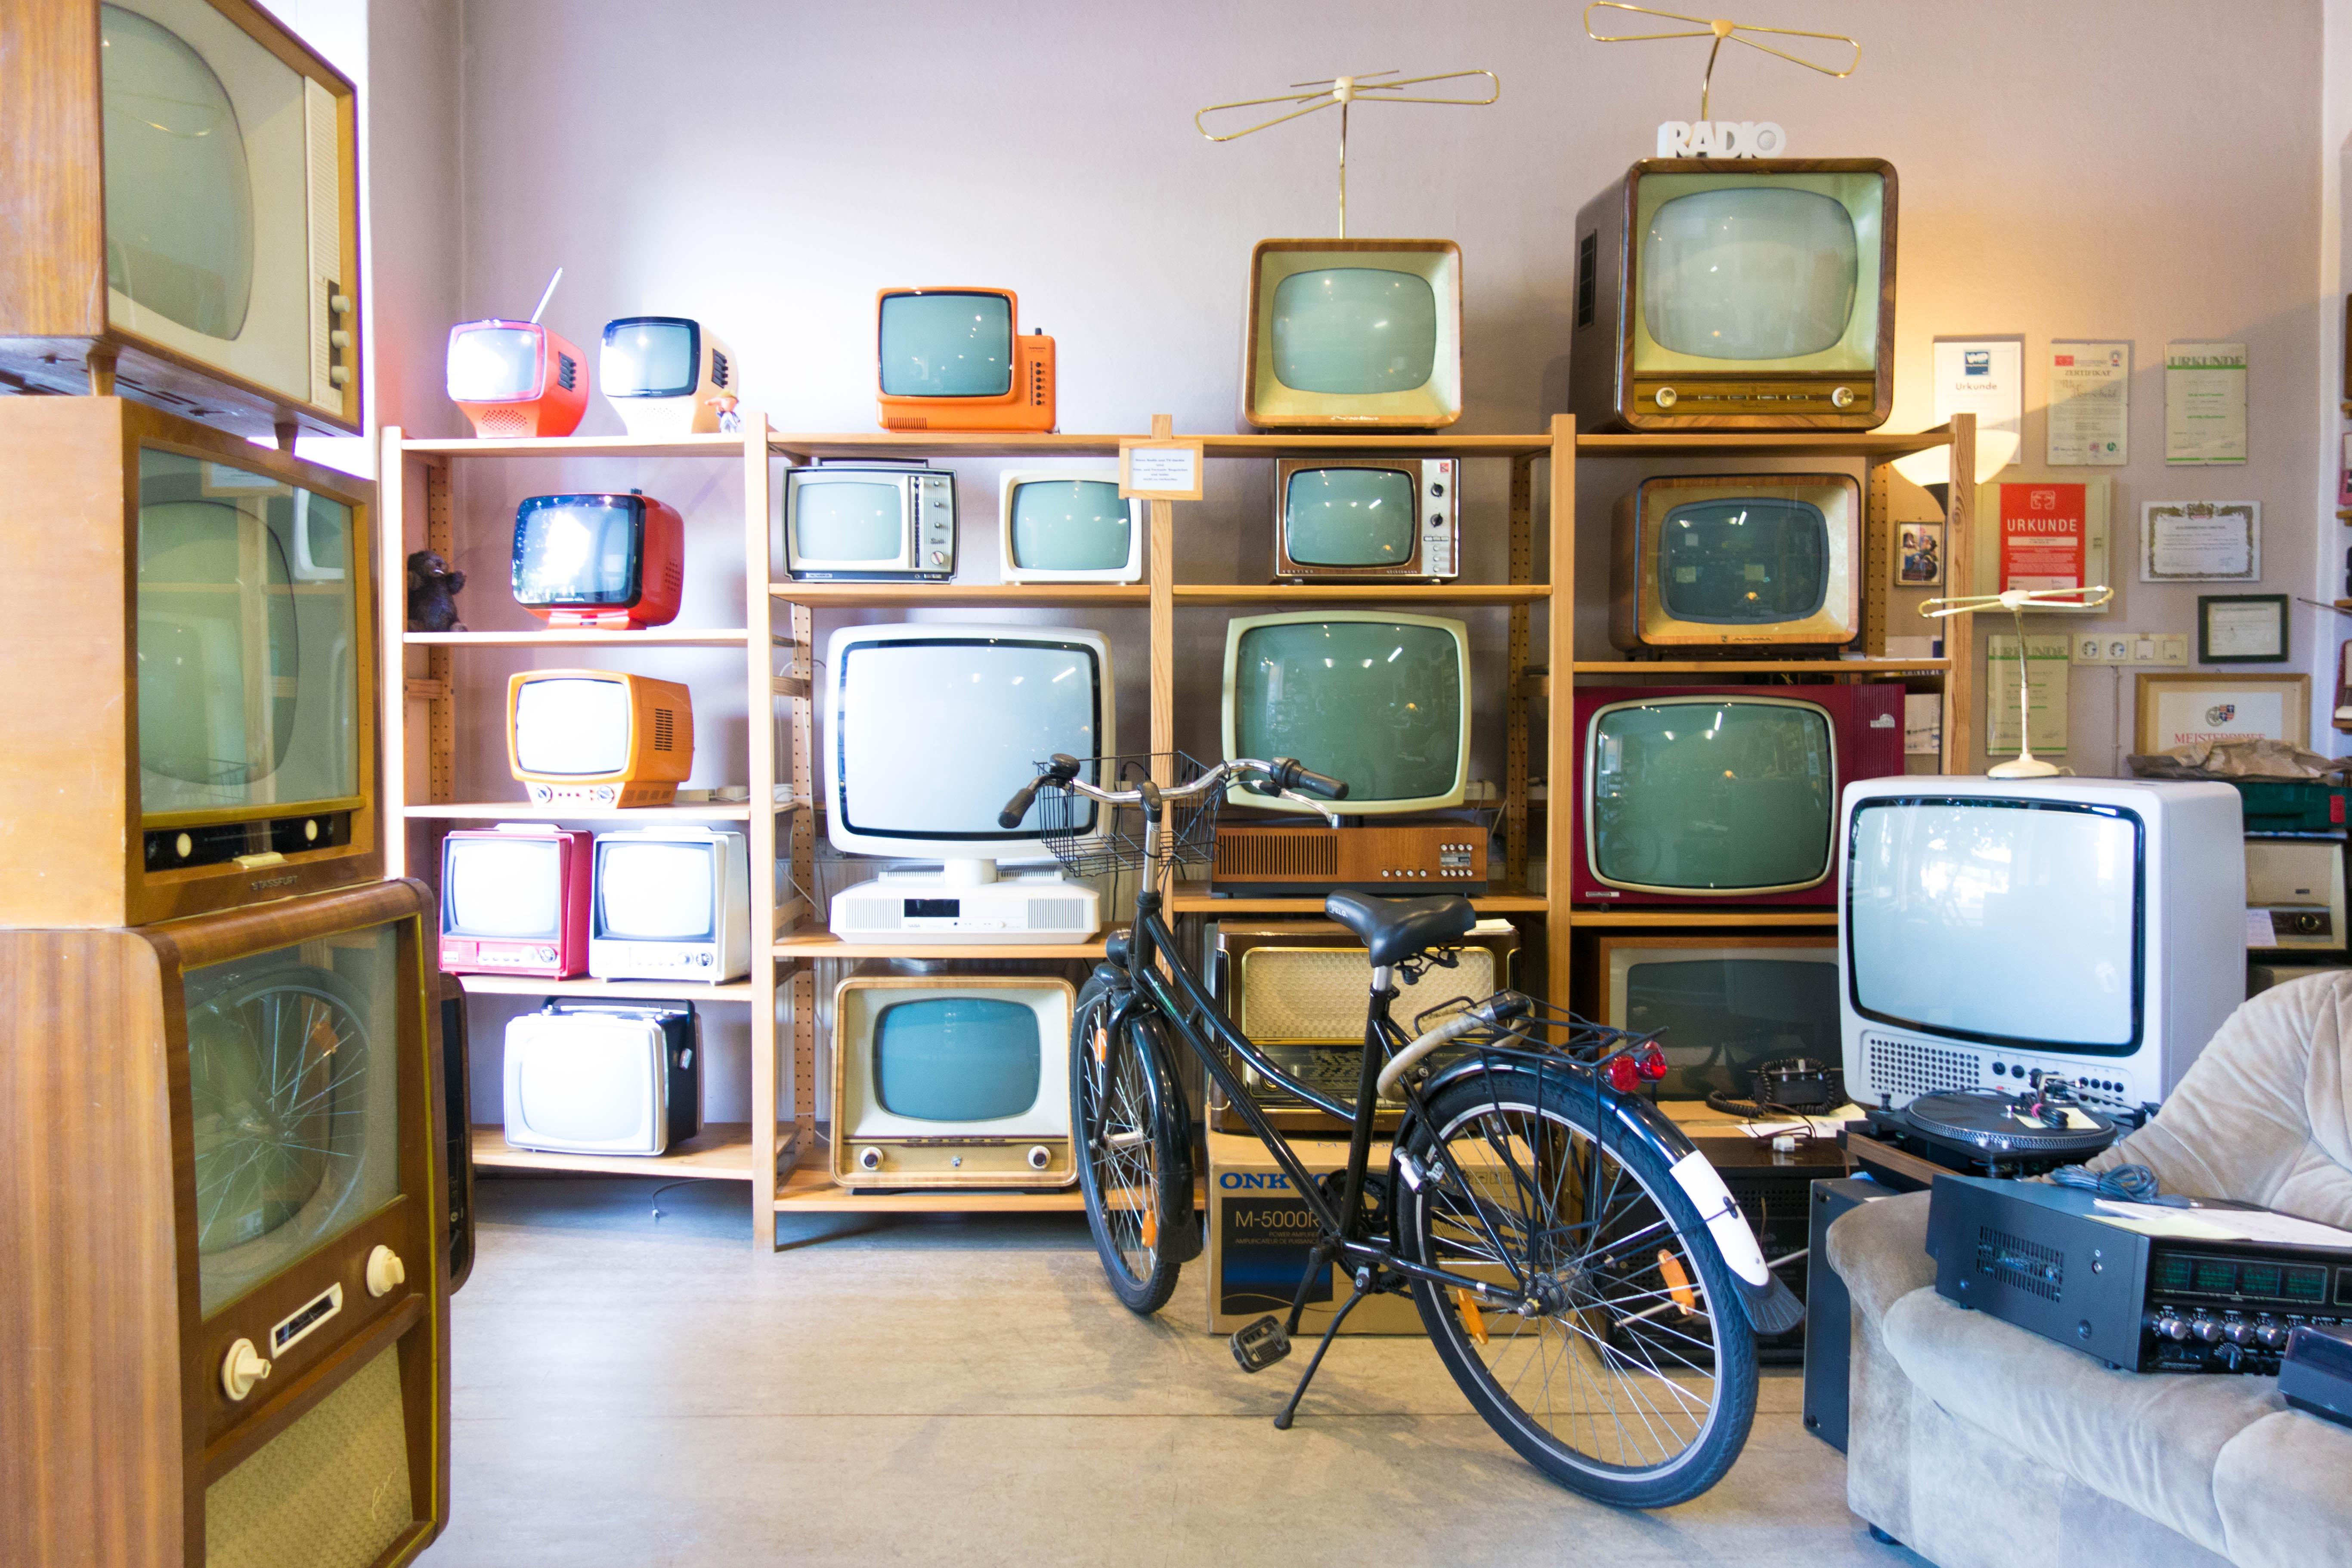 CRT TVs on rack